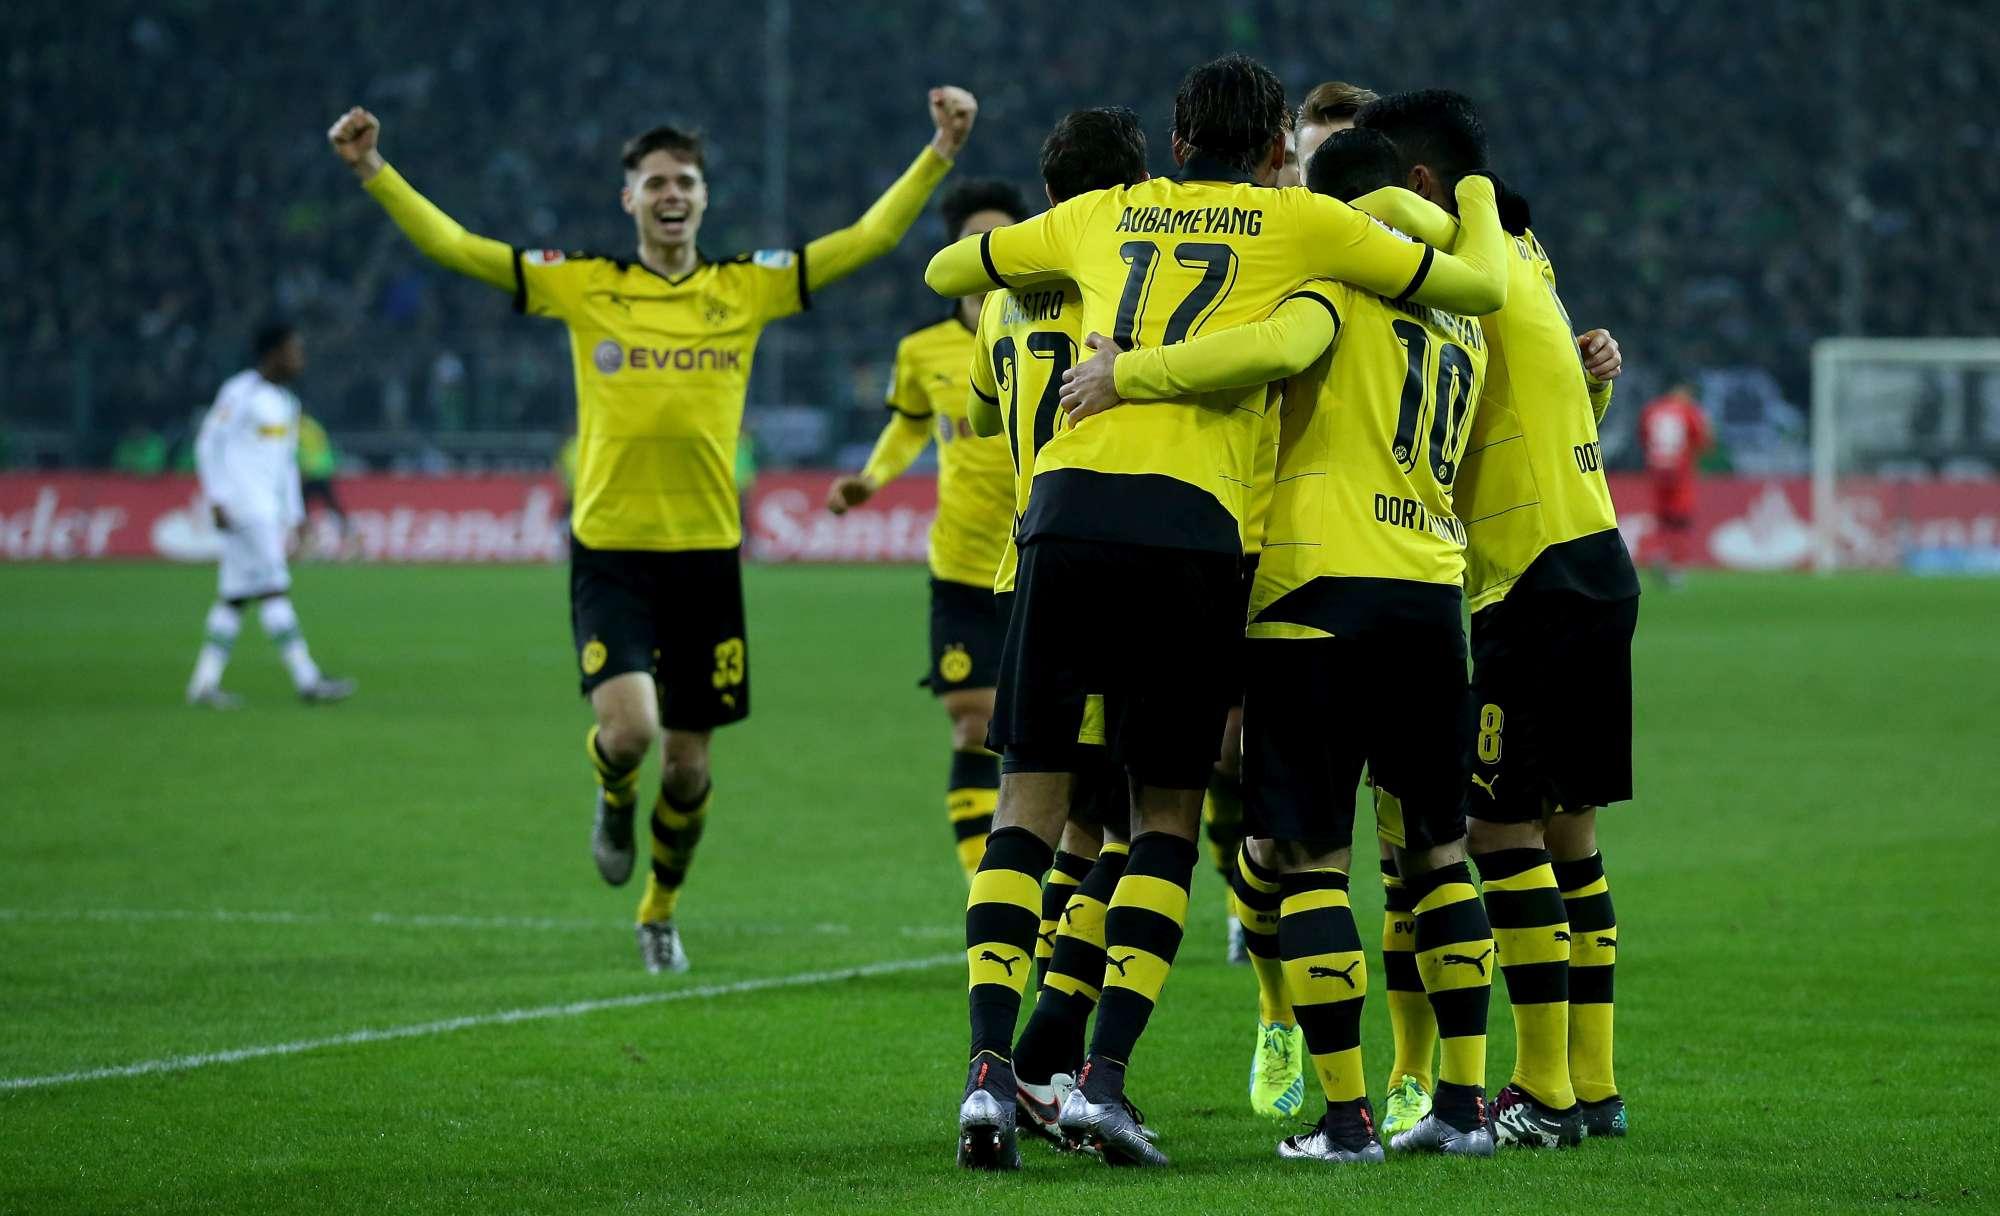 Il Borussia Dortmund è, per Bwin, il favoritissimo per la vittoria dell'Europa League